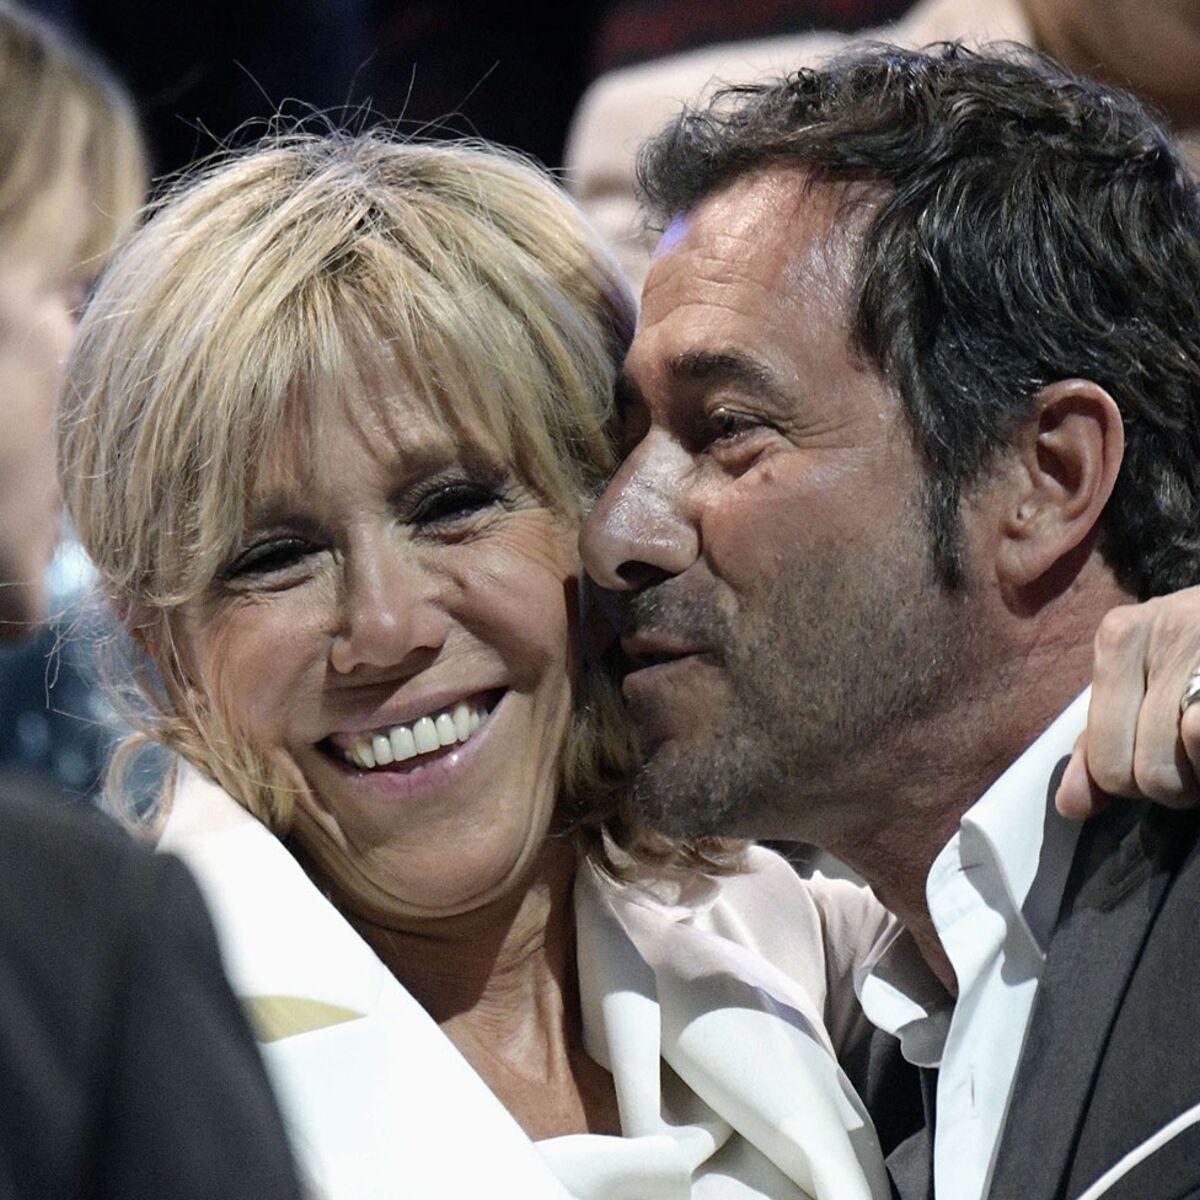 Brigitte Macron Et Bernard Montiel Une Amitie Solide Et De Longue Date Femme Actuelle Le Mag